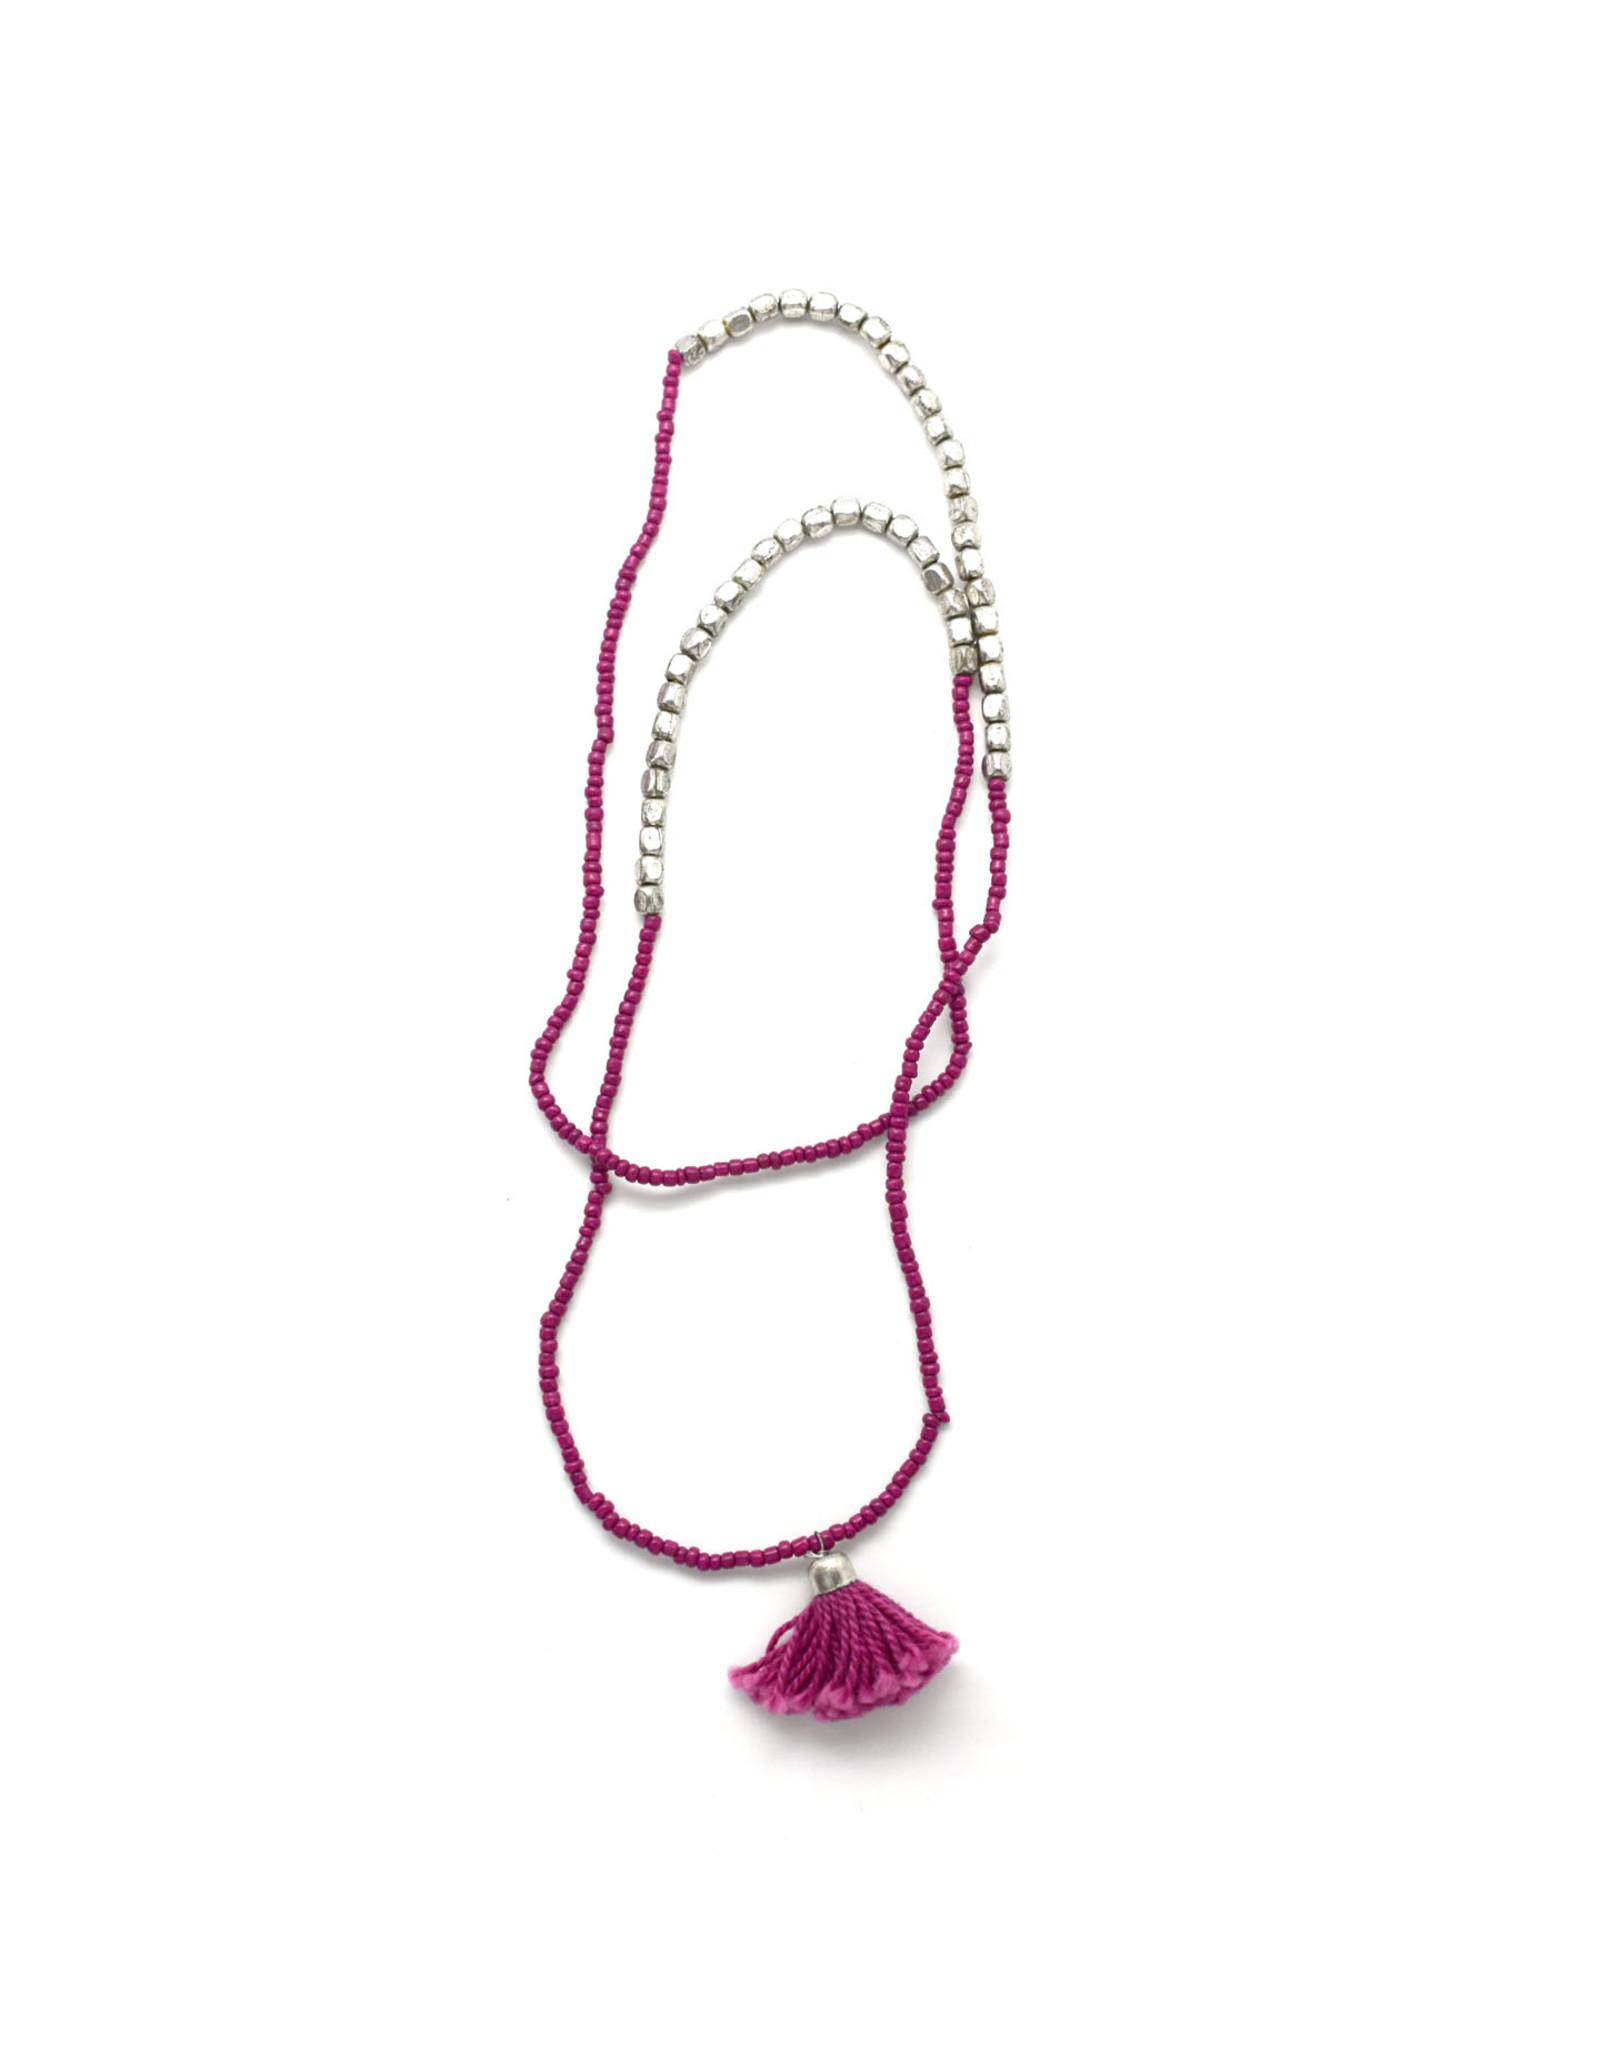 Wanderlust Tassel Necklace/Bracelet : Berry